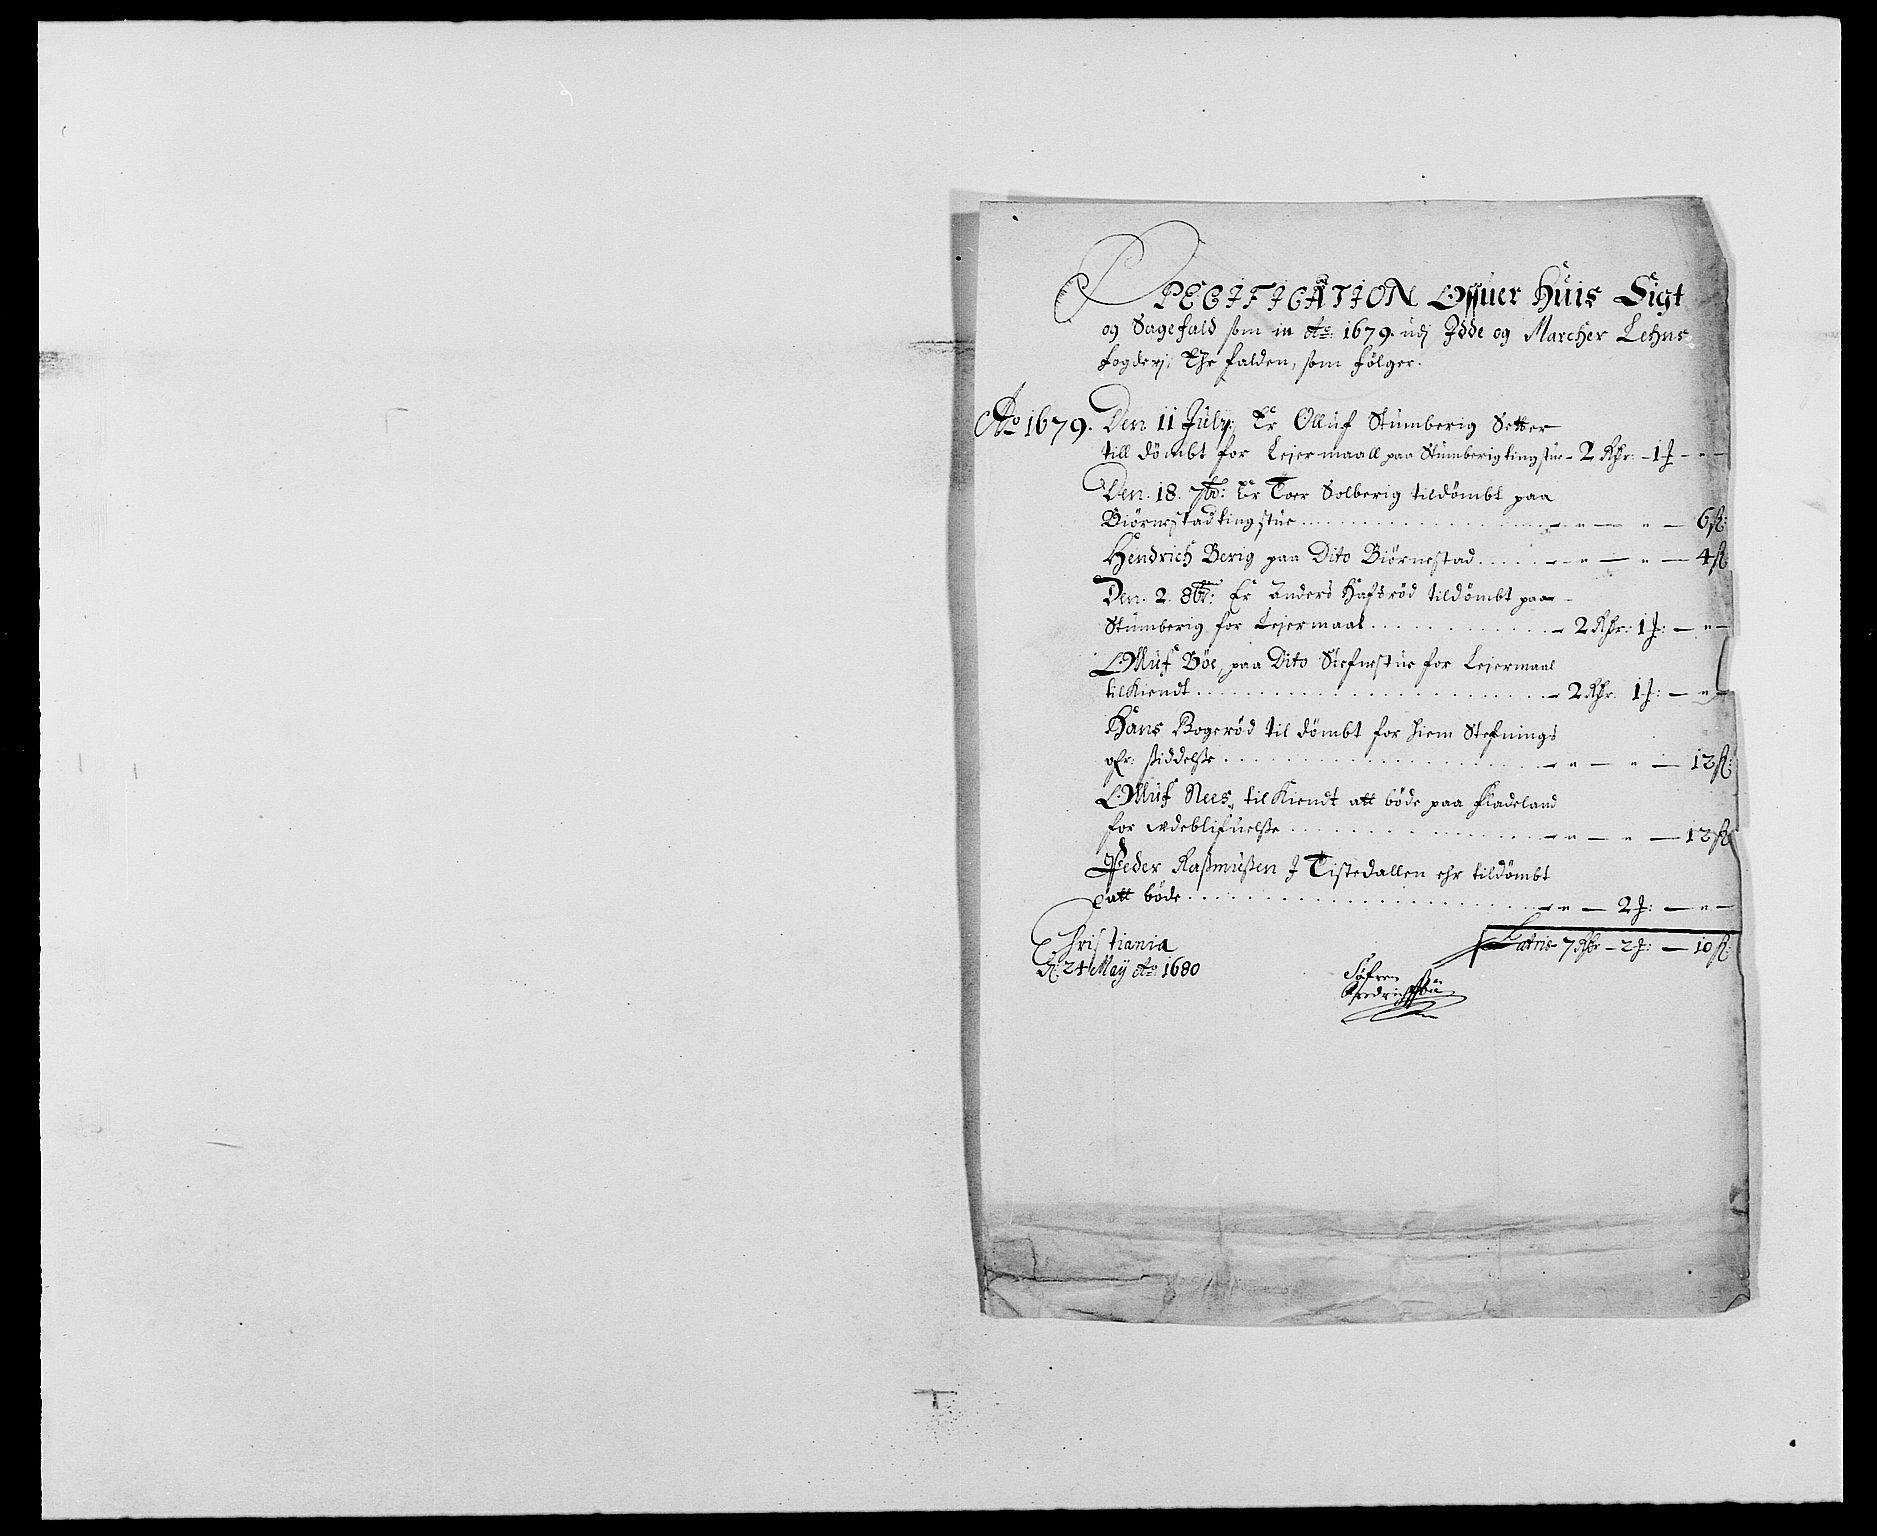 RA, Rentekammeret inntil 1814, Reviderte regnskaper, Fogderegnskap, R01/L0001: Fogderegnskap Idd og Marker, 1678-1679, s. 310